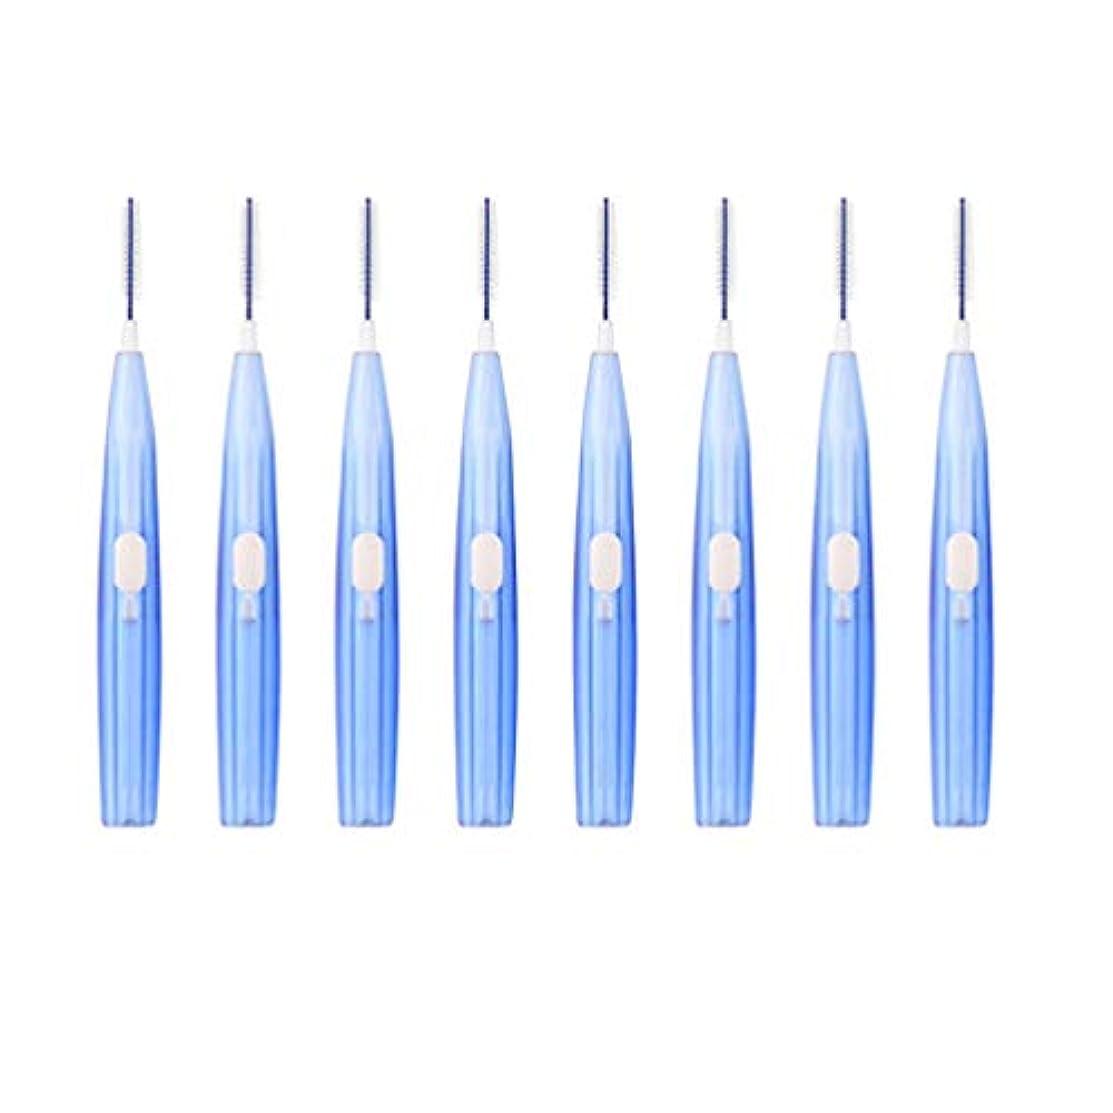 使用法ベッドを作る重要性SUPVOX 8pcs歯間ピックデンタルブラシピックダブルヘッドデンタルフロス歯間クリーナー(青)